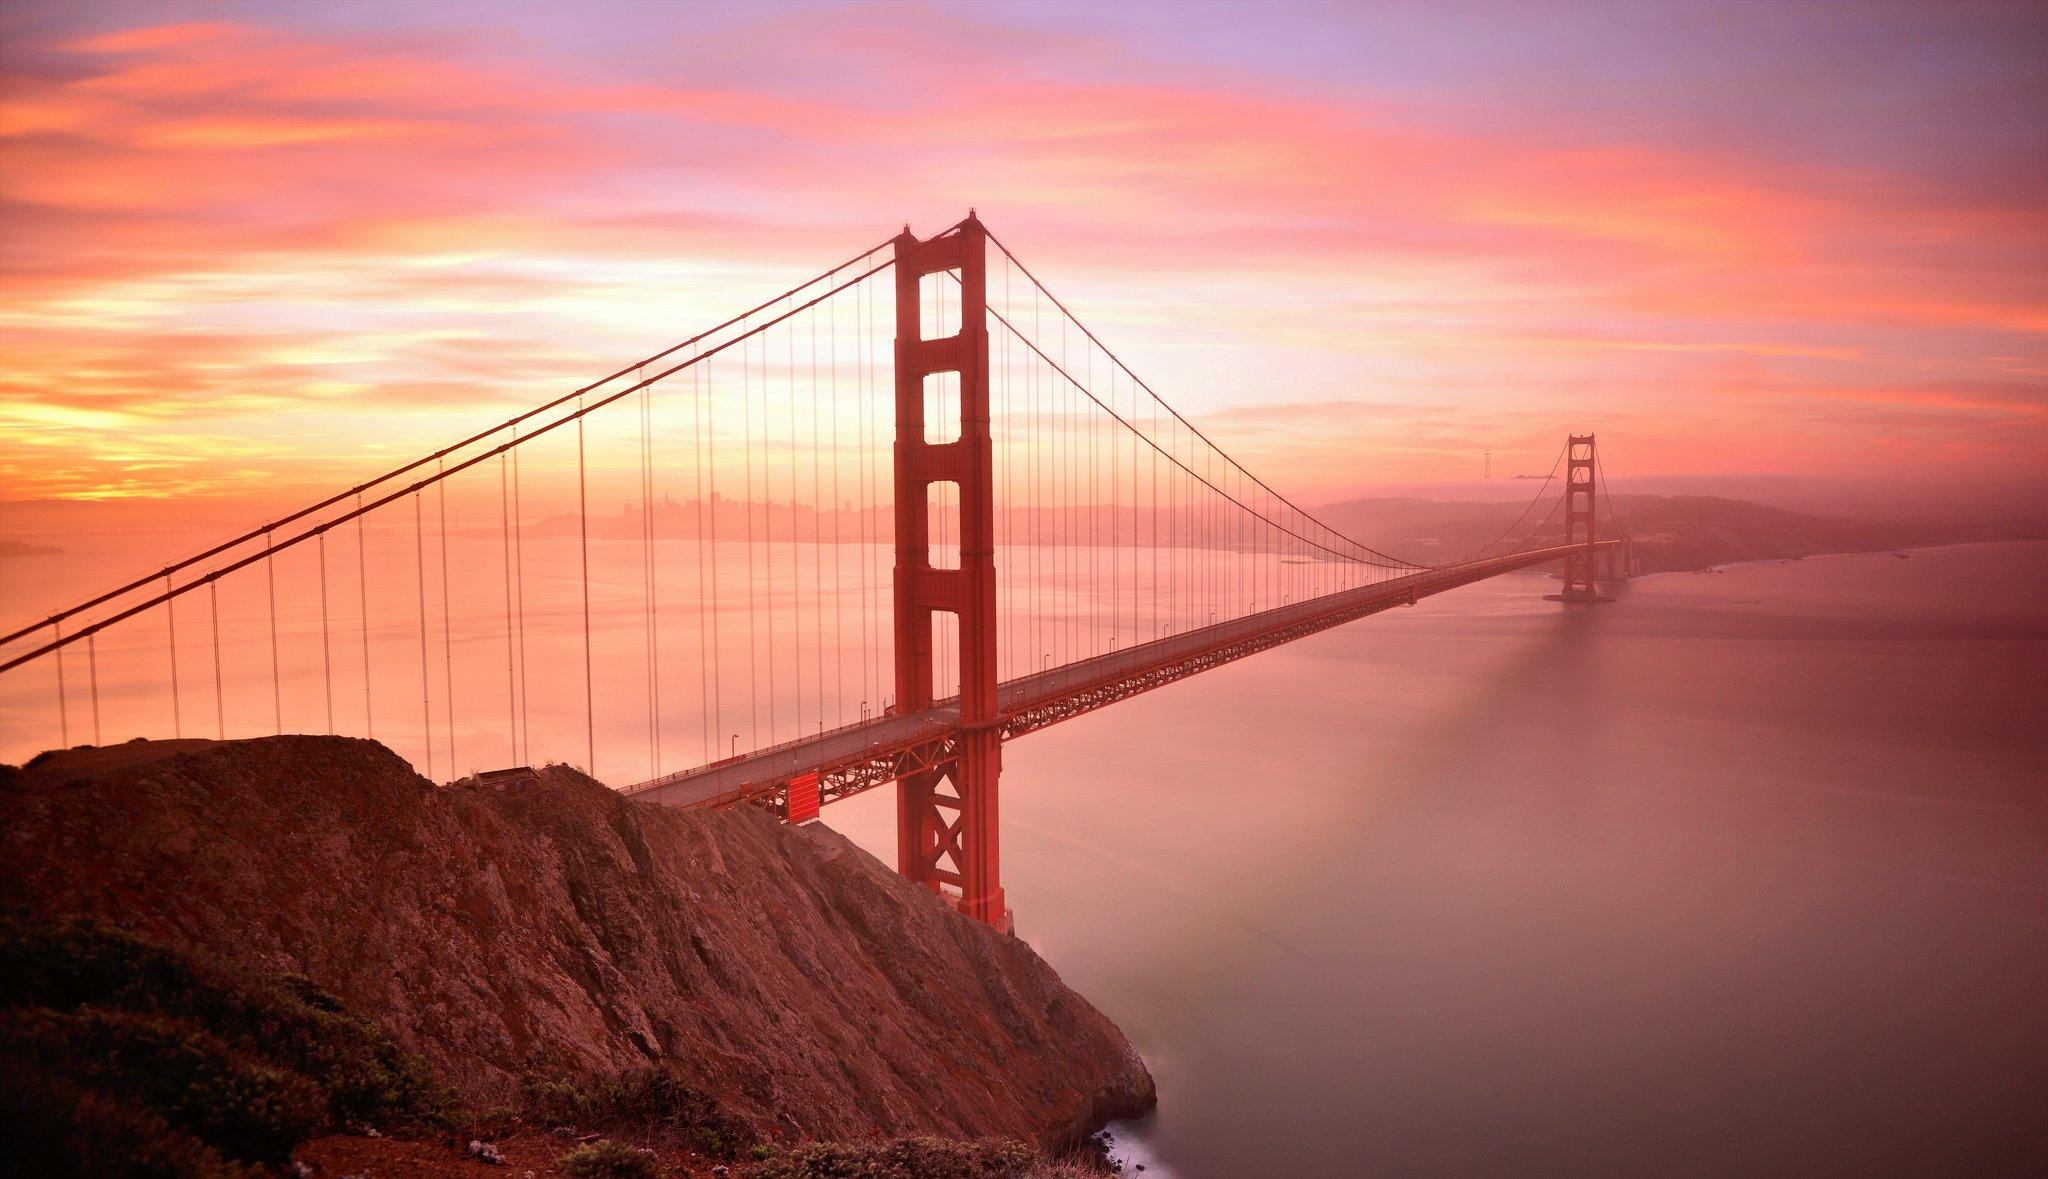 мост на красном закате скачать